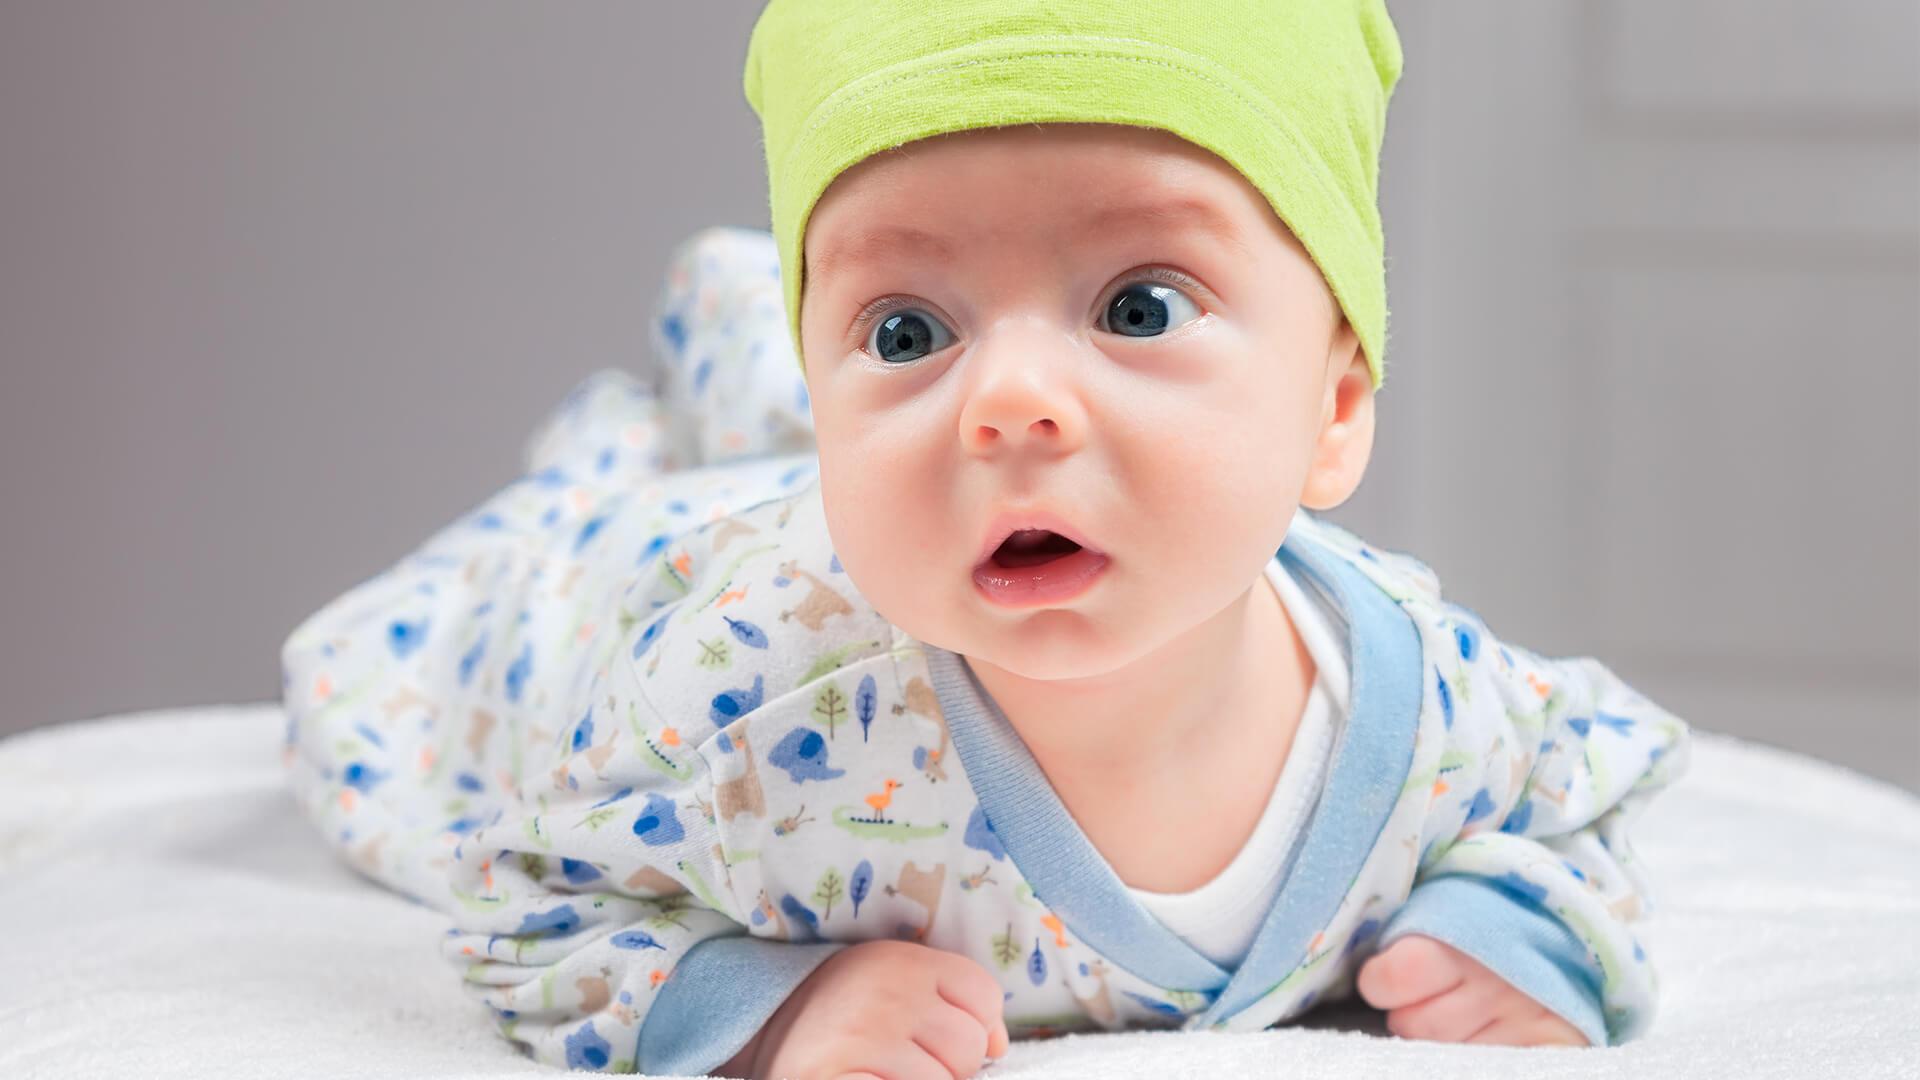 Rüyada Küçük Bebeğin Kaka Yaptığını Görmek